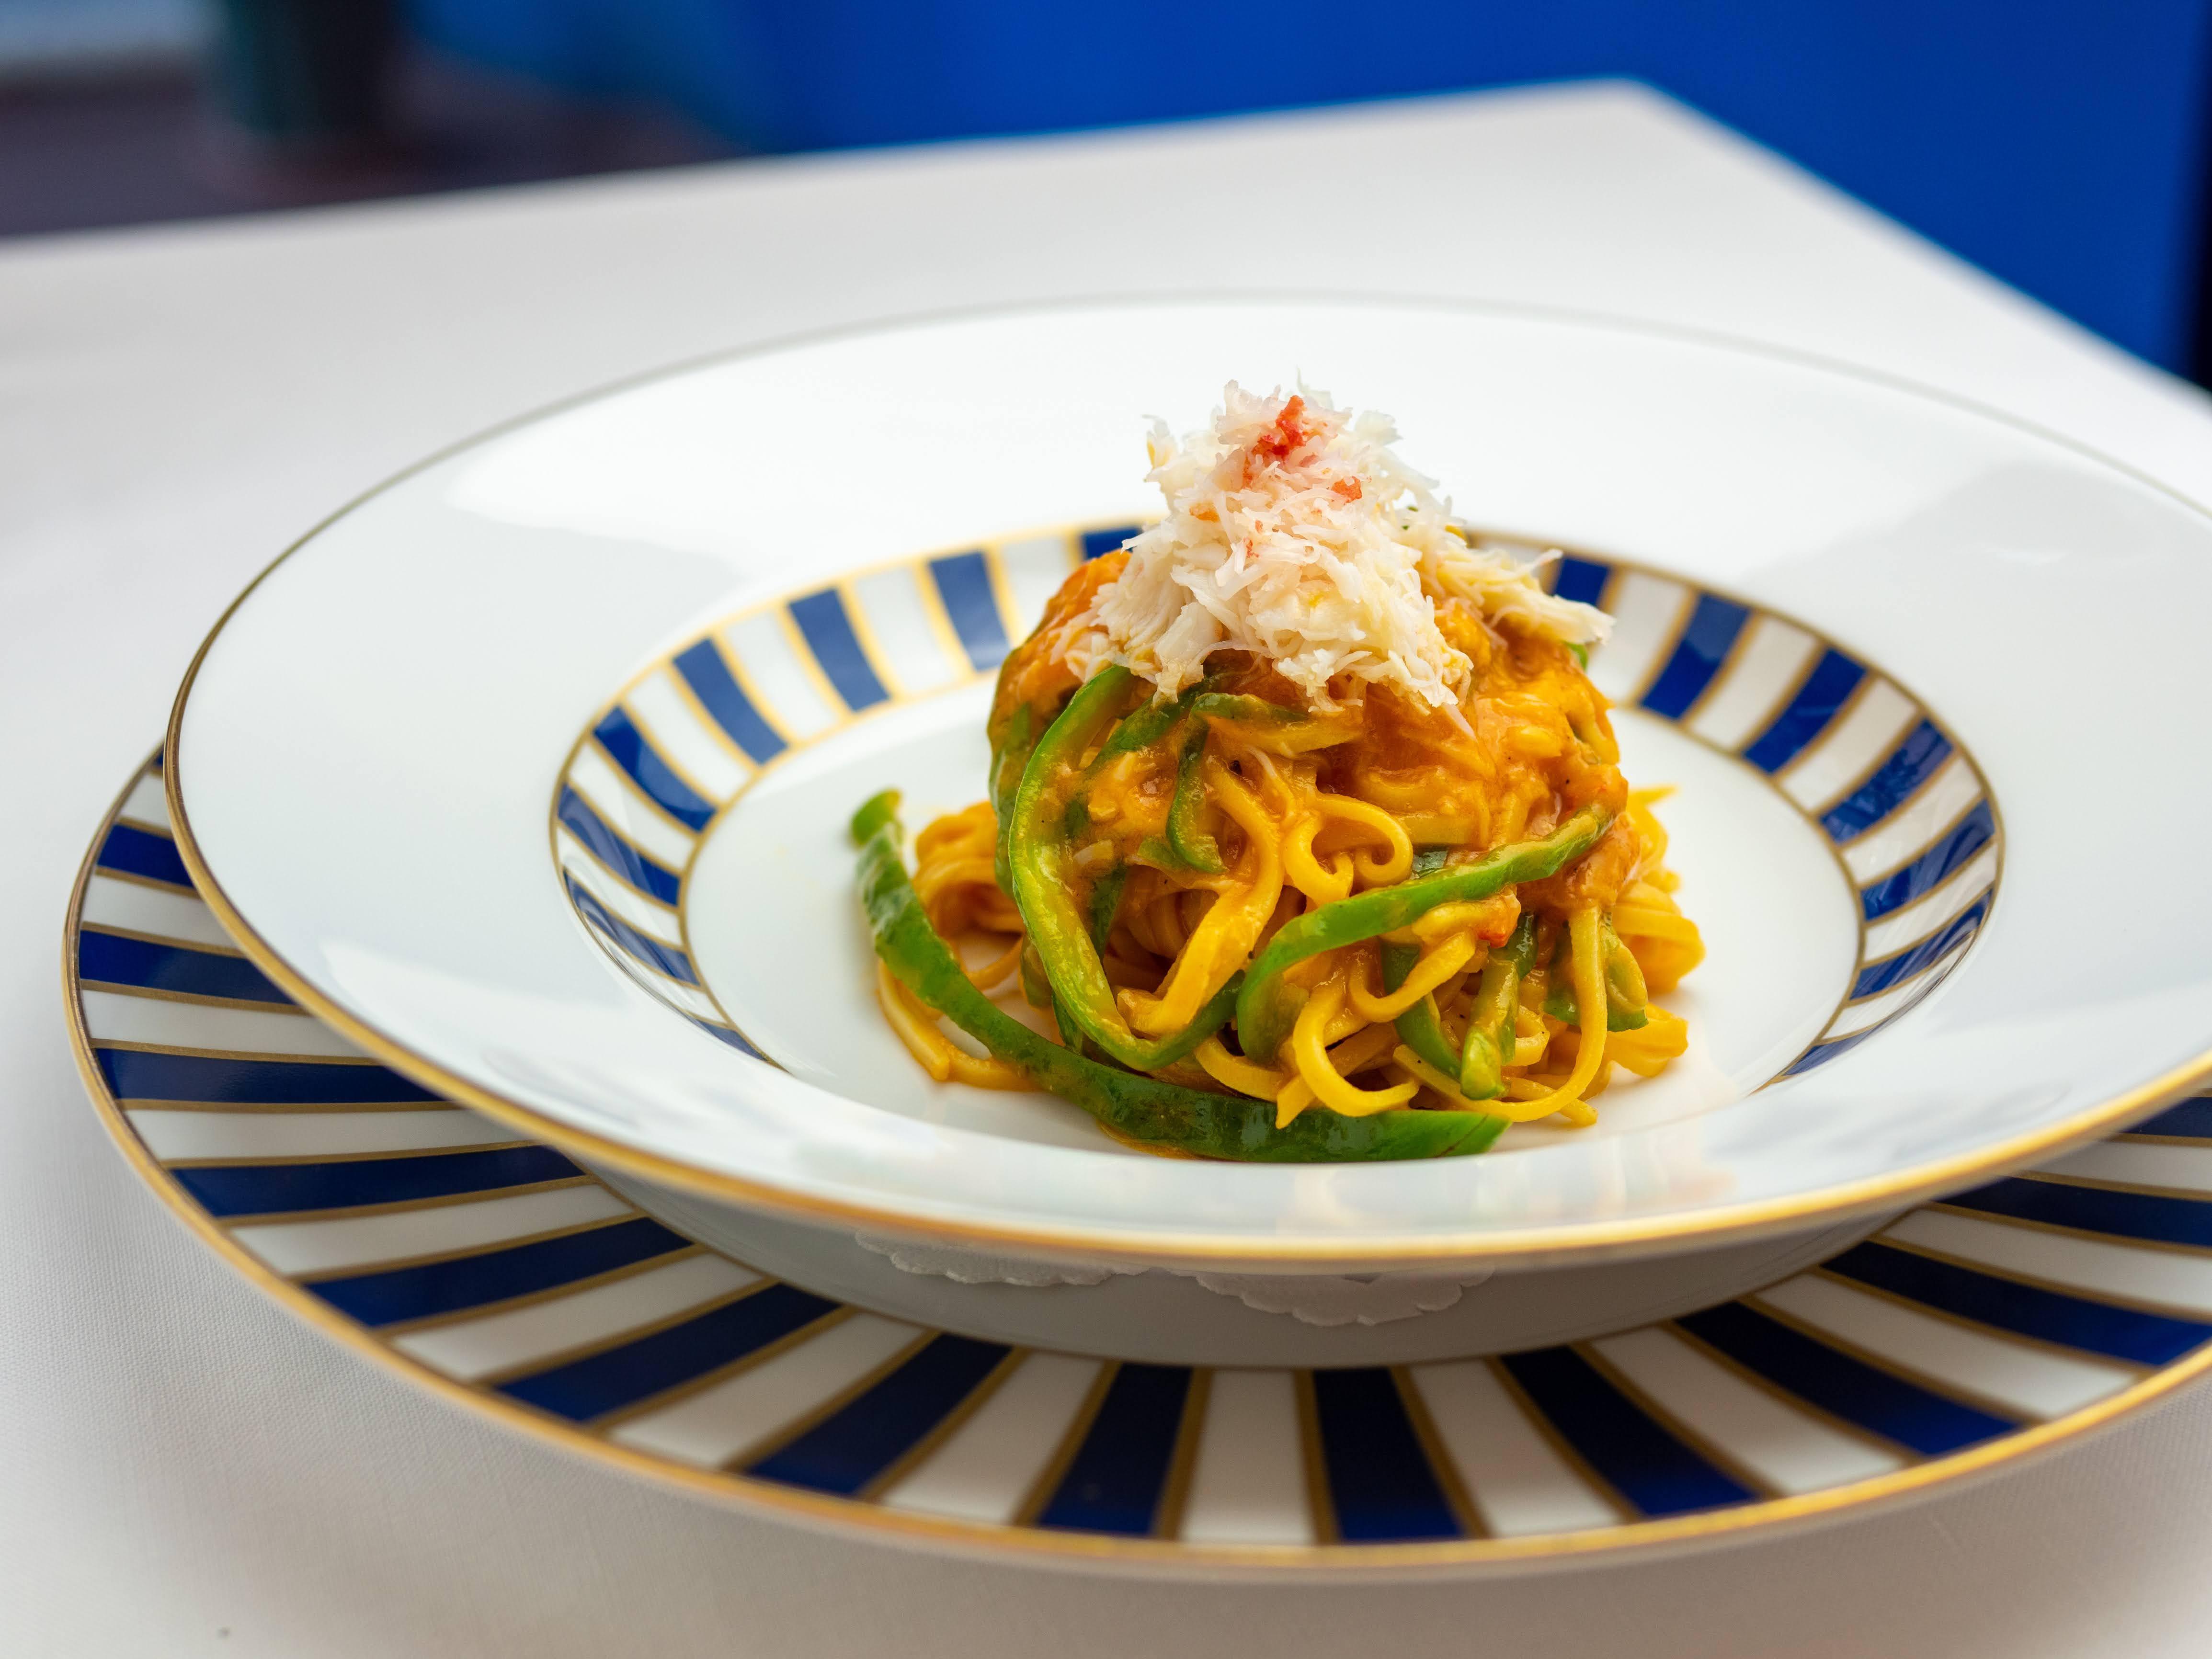 大分県 むかし野菜の邑から届いたトマトを使った冷製タリオリーニ